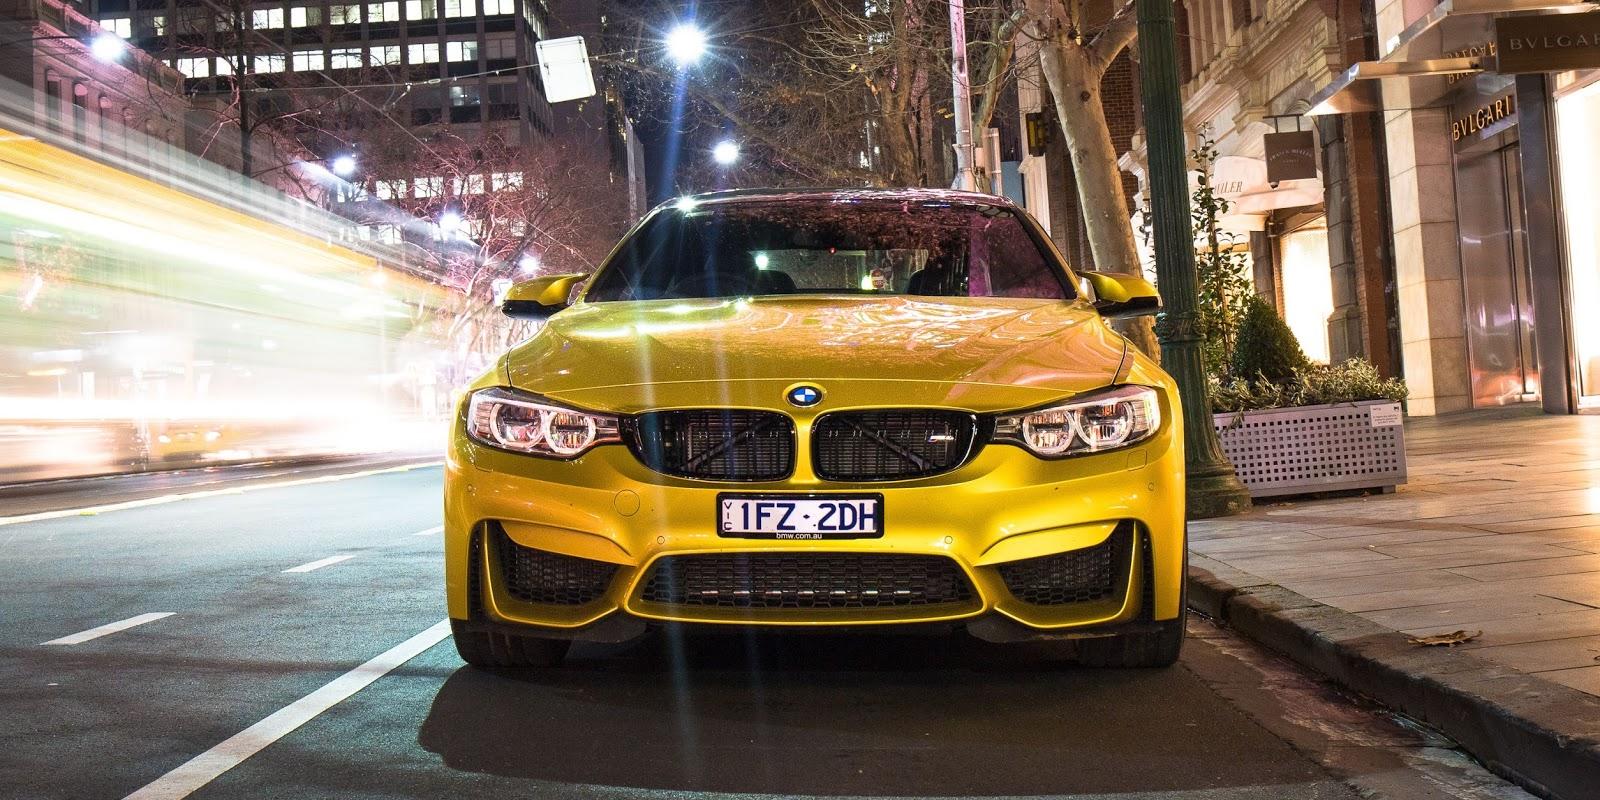 Đầu xe đậm chất BMW, tuy nhiên hốc gió lại đậm chất đua